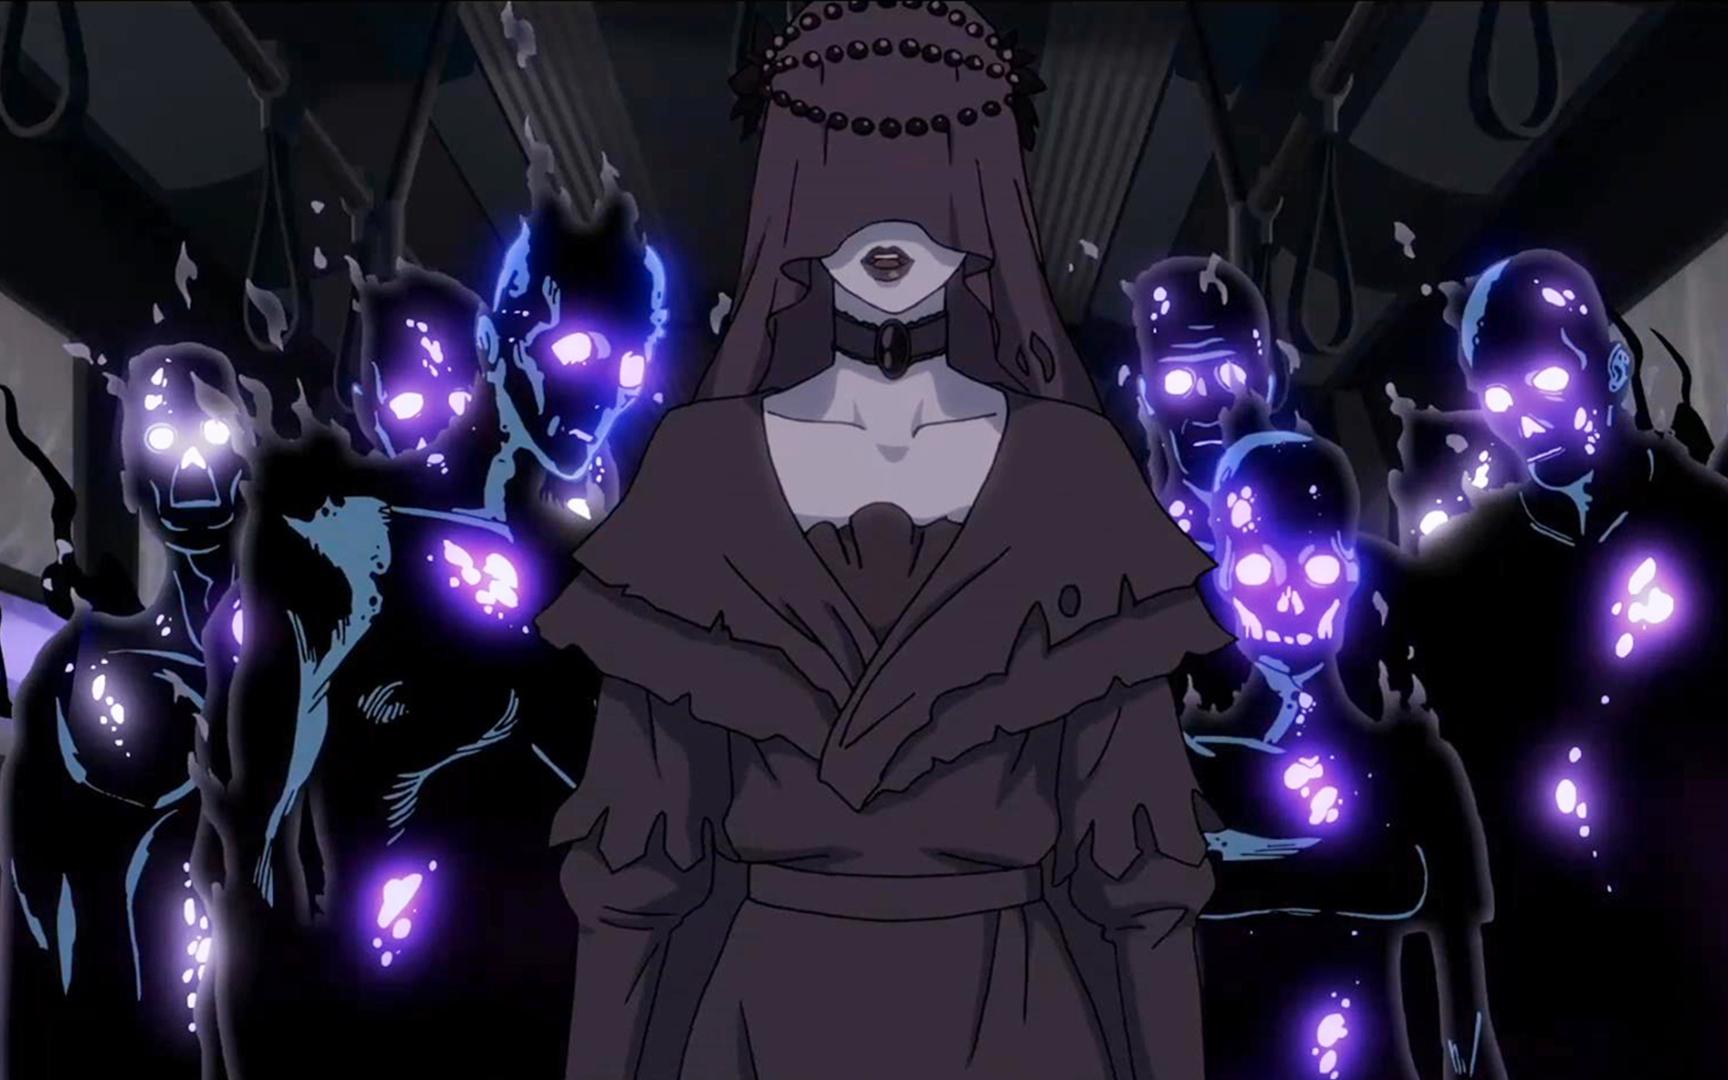 2021网飞科幻动画《灵探特莱丝》,死神都要敬让三分,太狠了